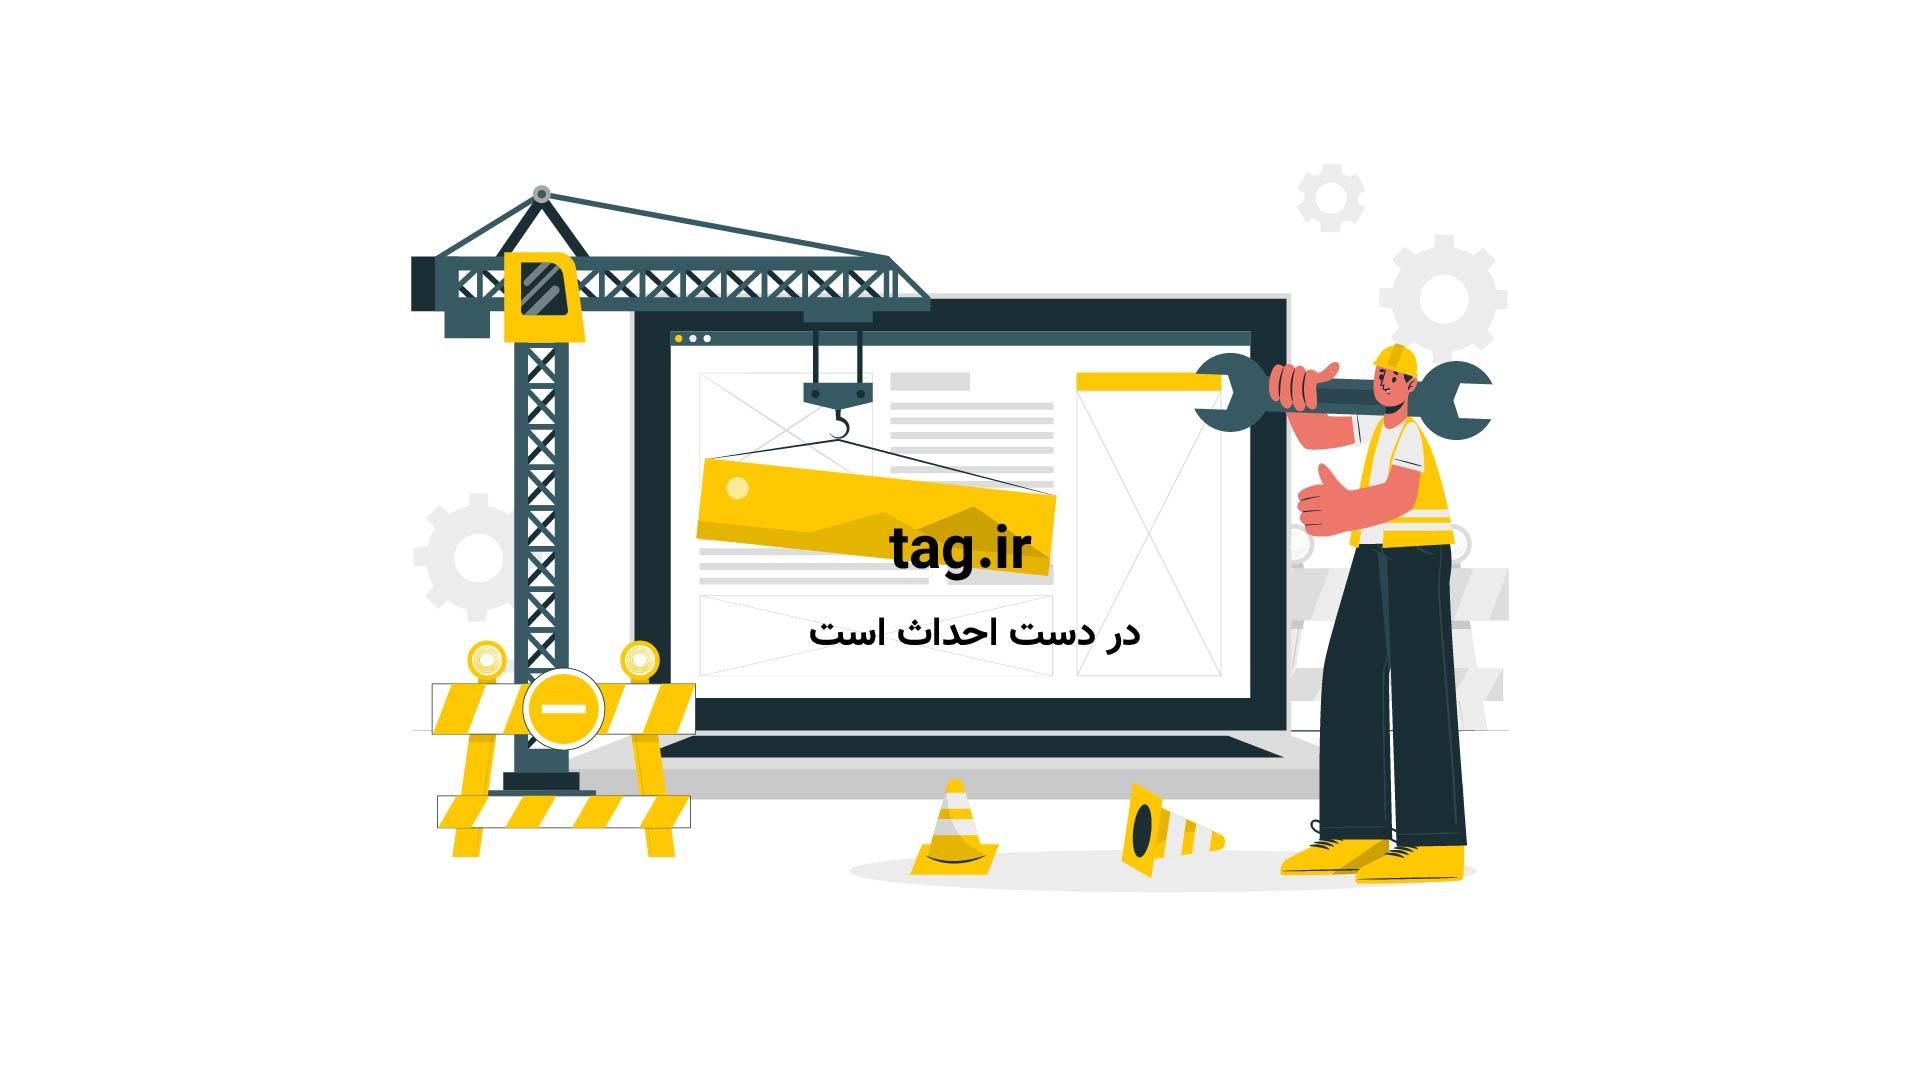 رهبر-انقلاب-اسلامی | تگ